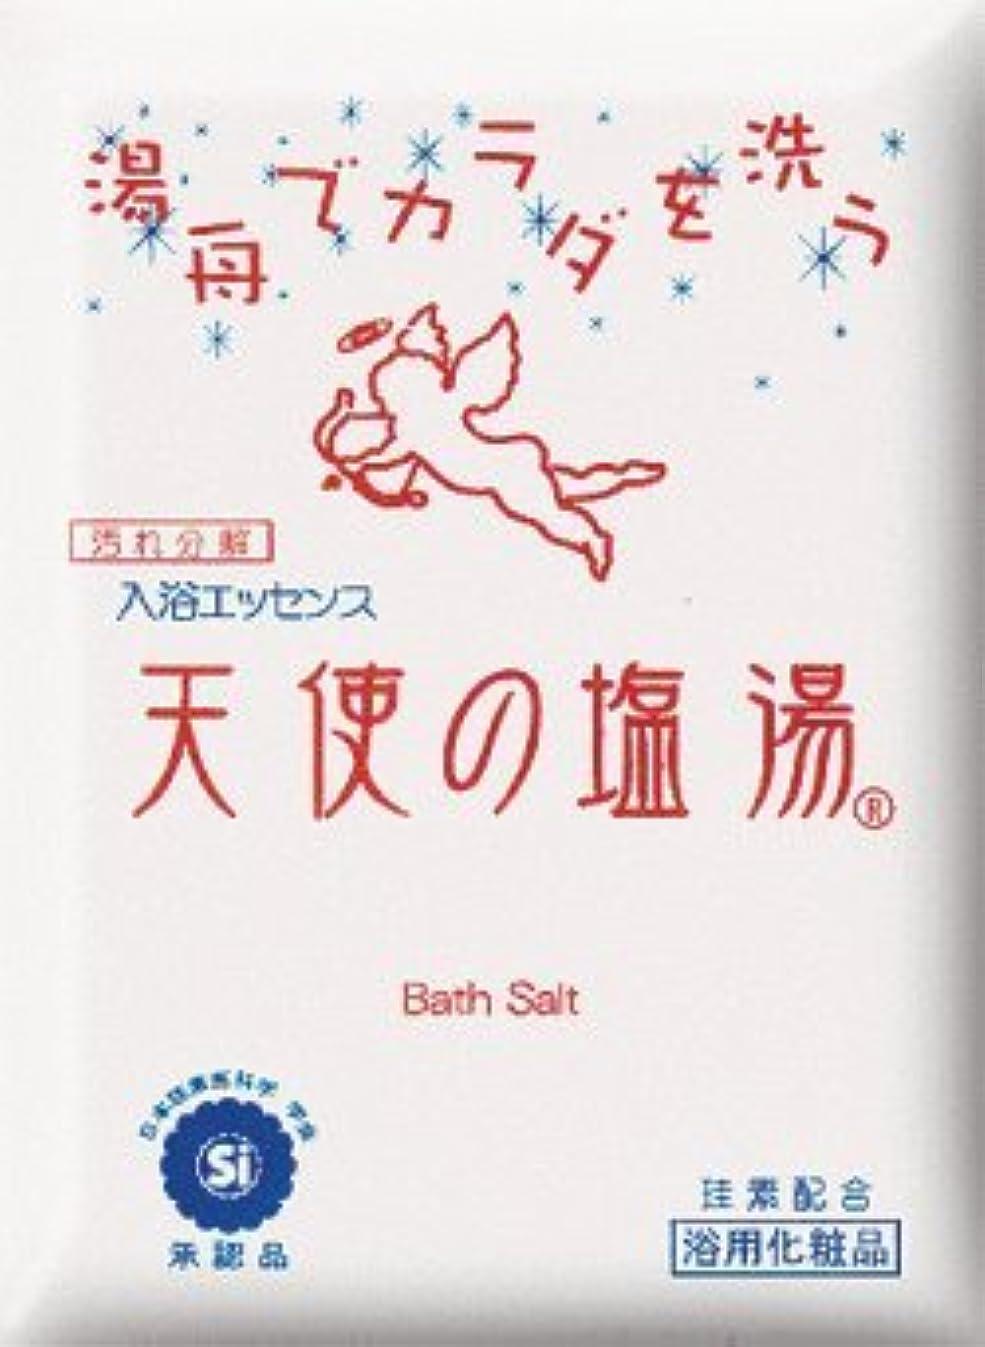 絶望的な失うオンス天使の塩湯 (70g×20袋) ※浴槽でカラダを洗う!入浴エッセンス!